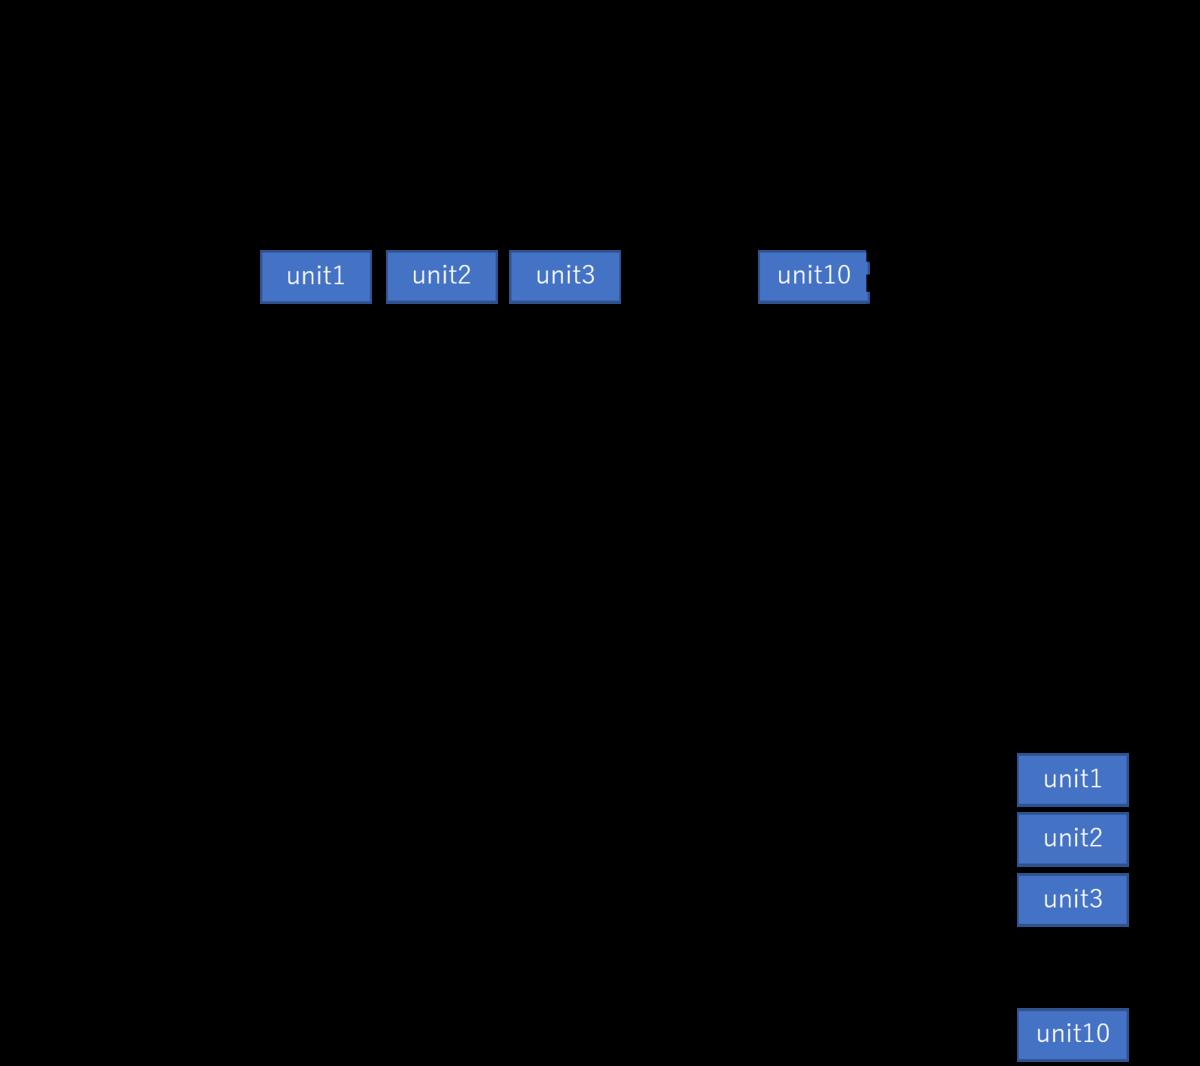 f:id:aptpod_tech-writer:20201210164238p:plain